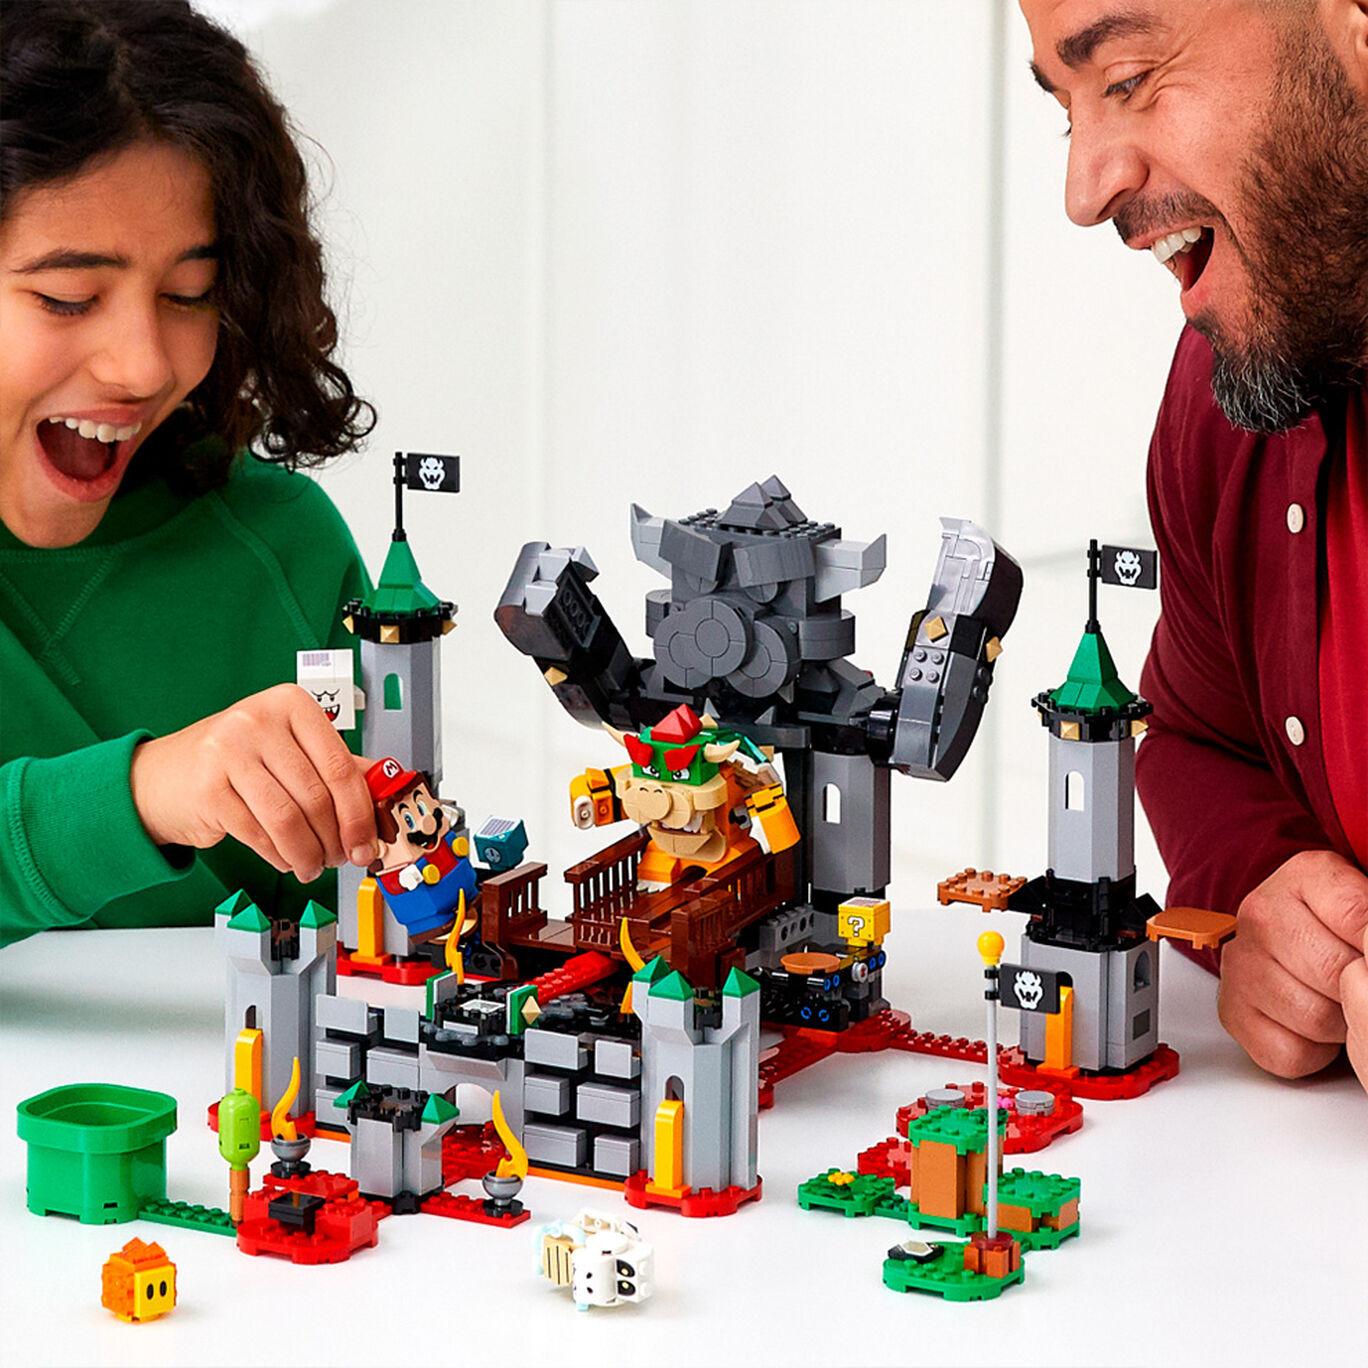 レゴ(R)スーパーマリオ けっせんクッパ城! チャレンジ